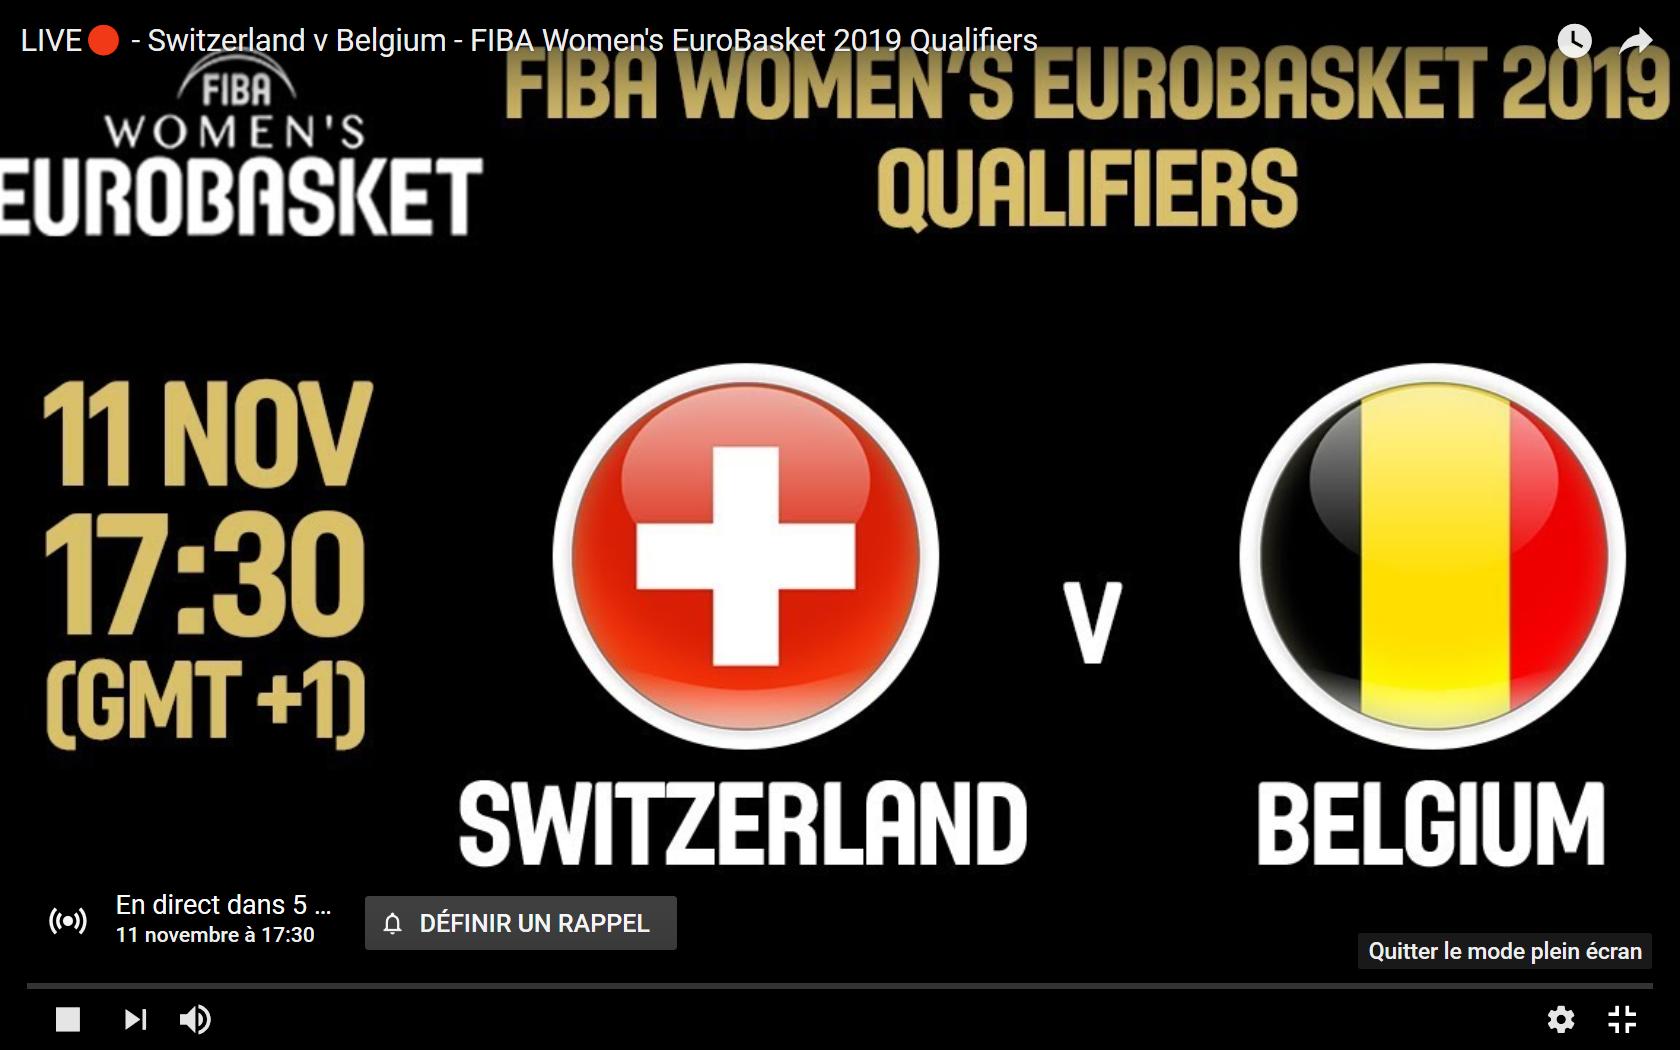 Épinglé par Basket in Belgium sur Belgian Cats Suisse